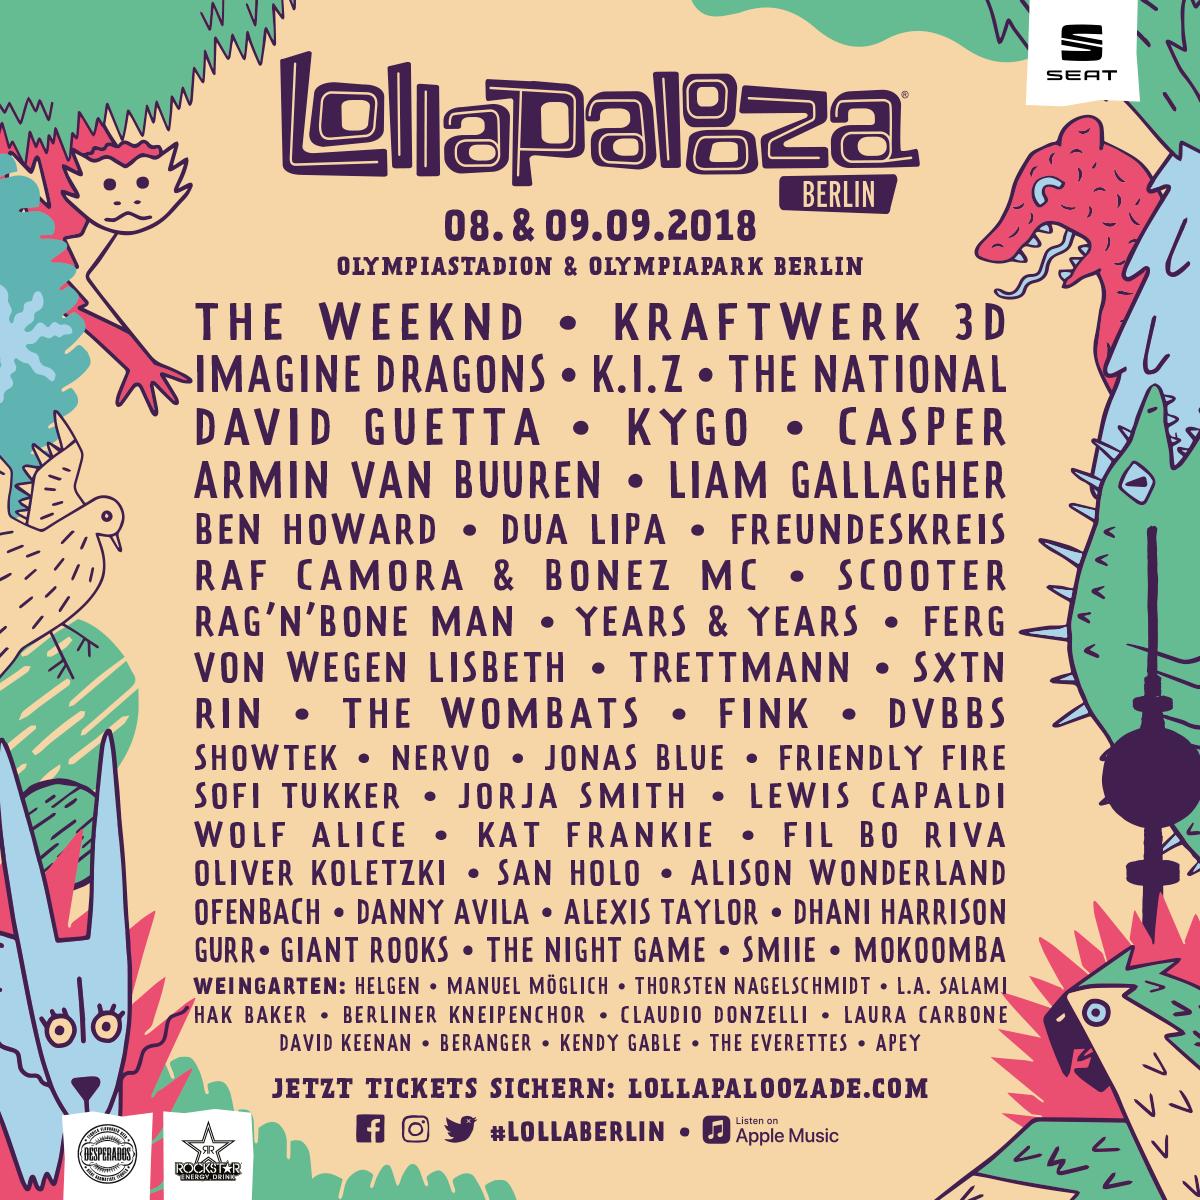 Lollapalooza 2018 - starkes Line-Up in Berlin